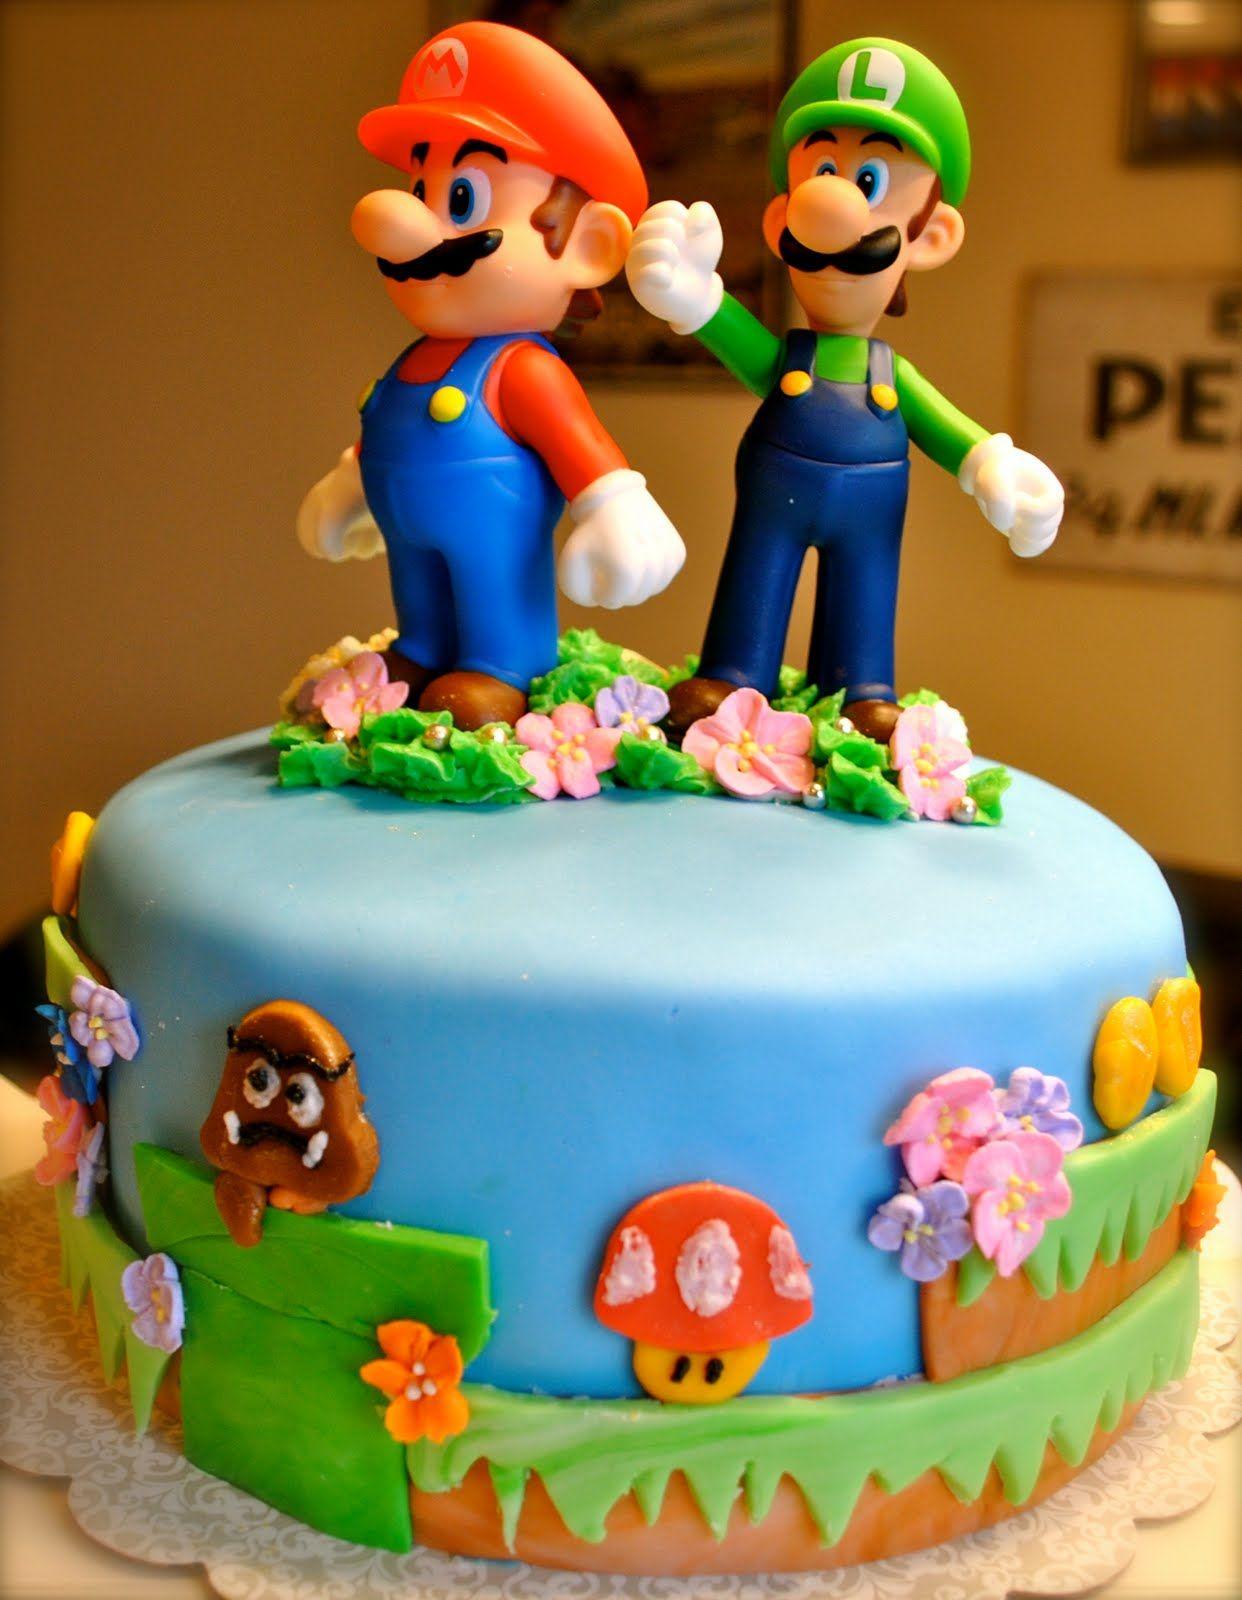 Super Mario Cake Ideas